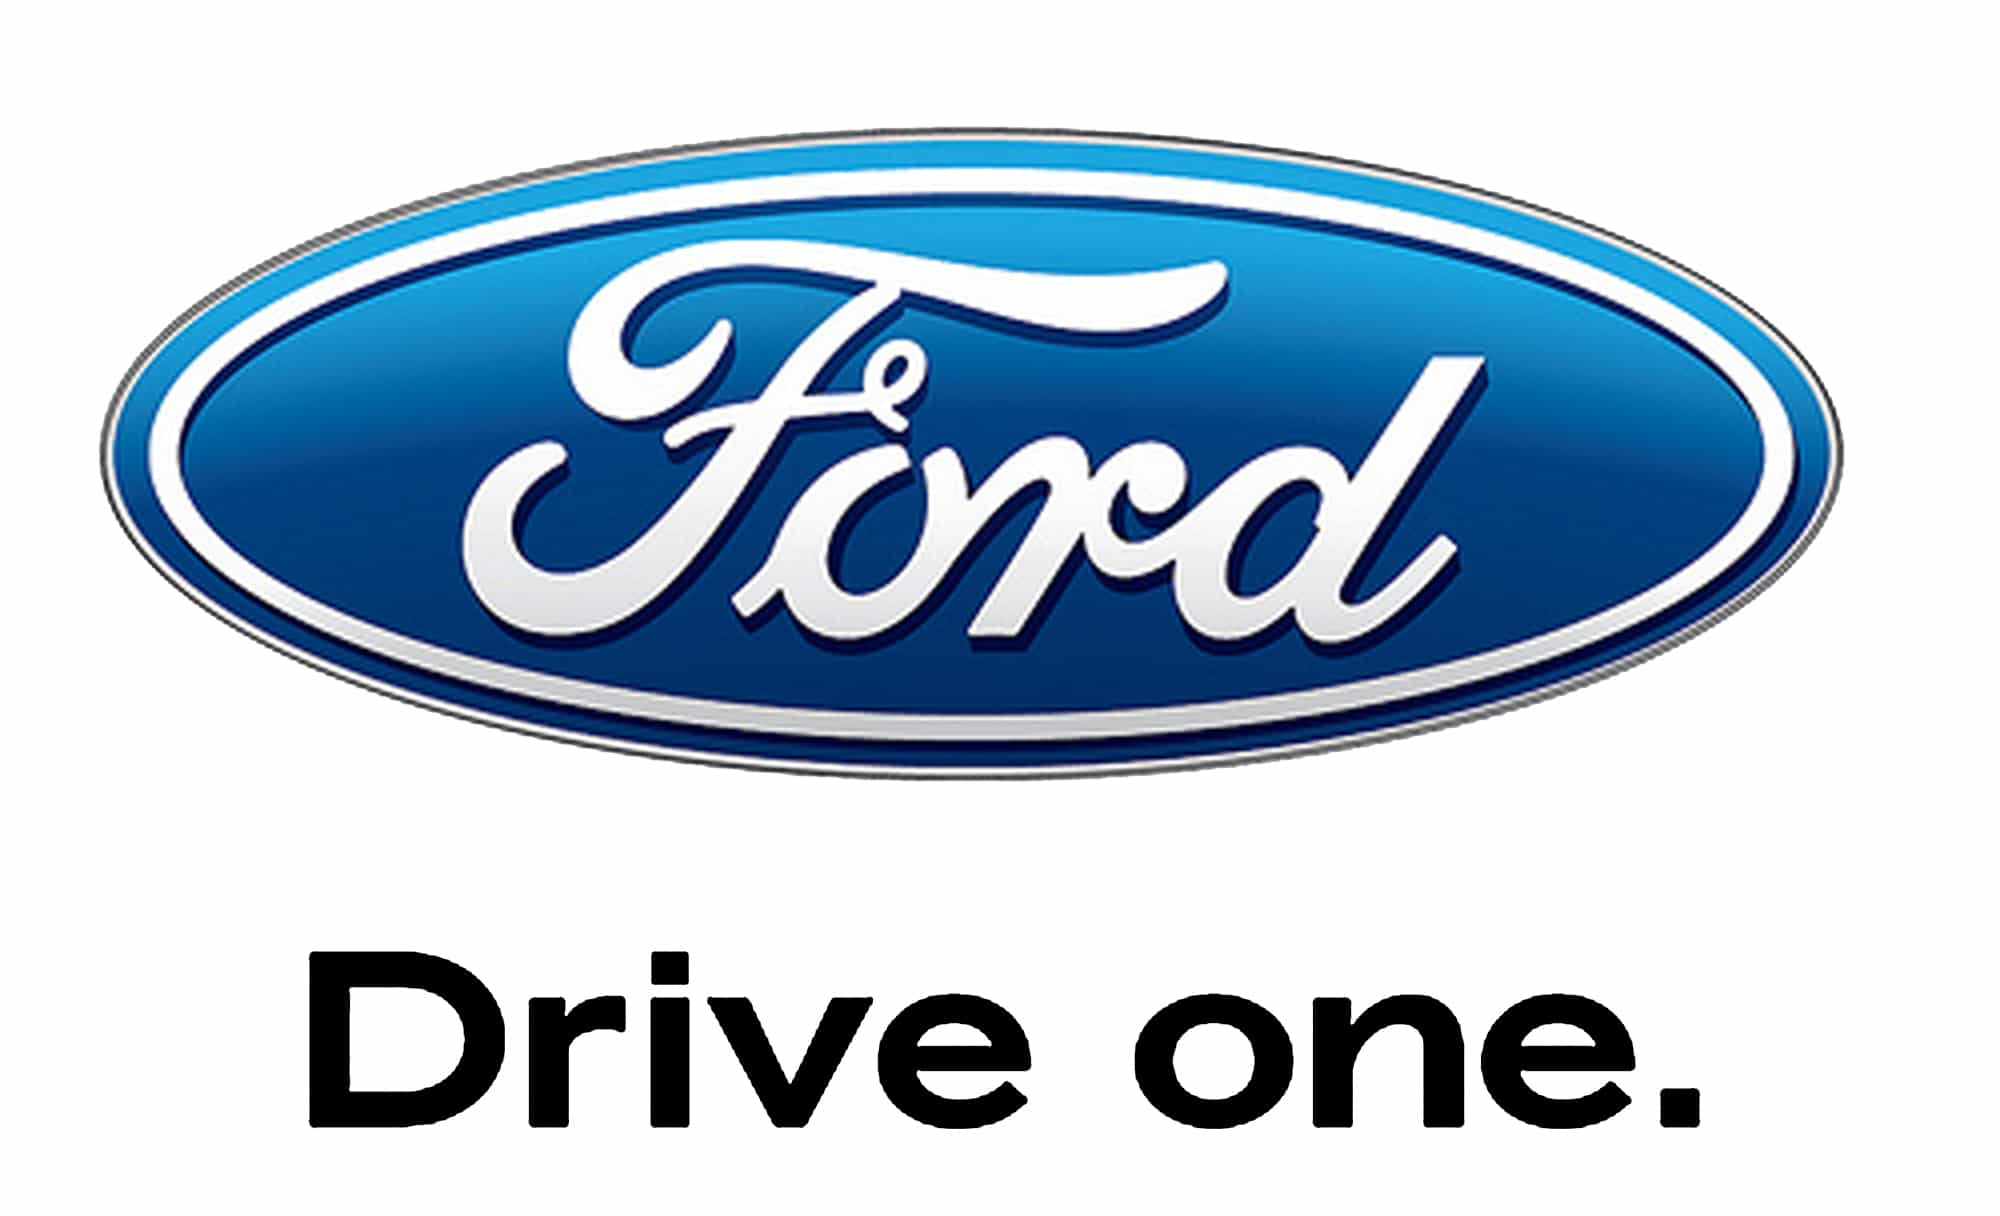 ford drive one a2u